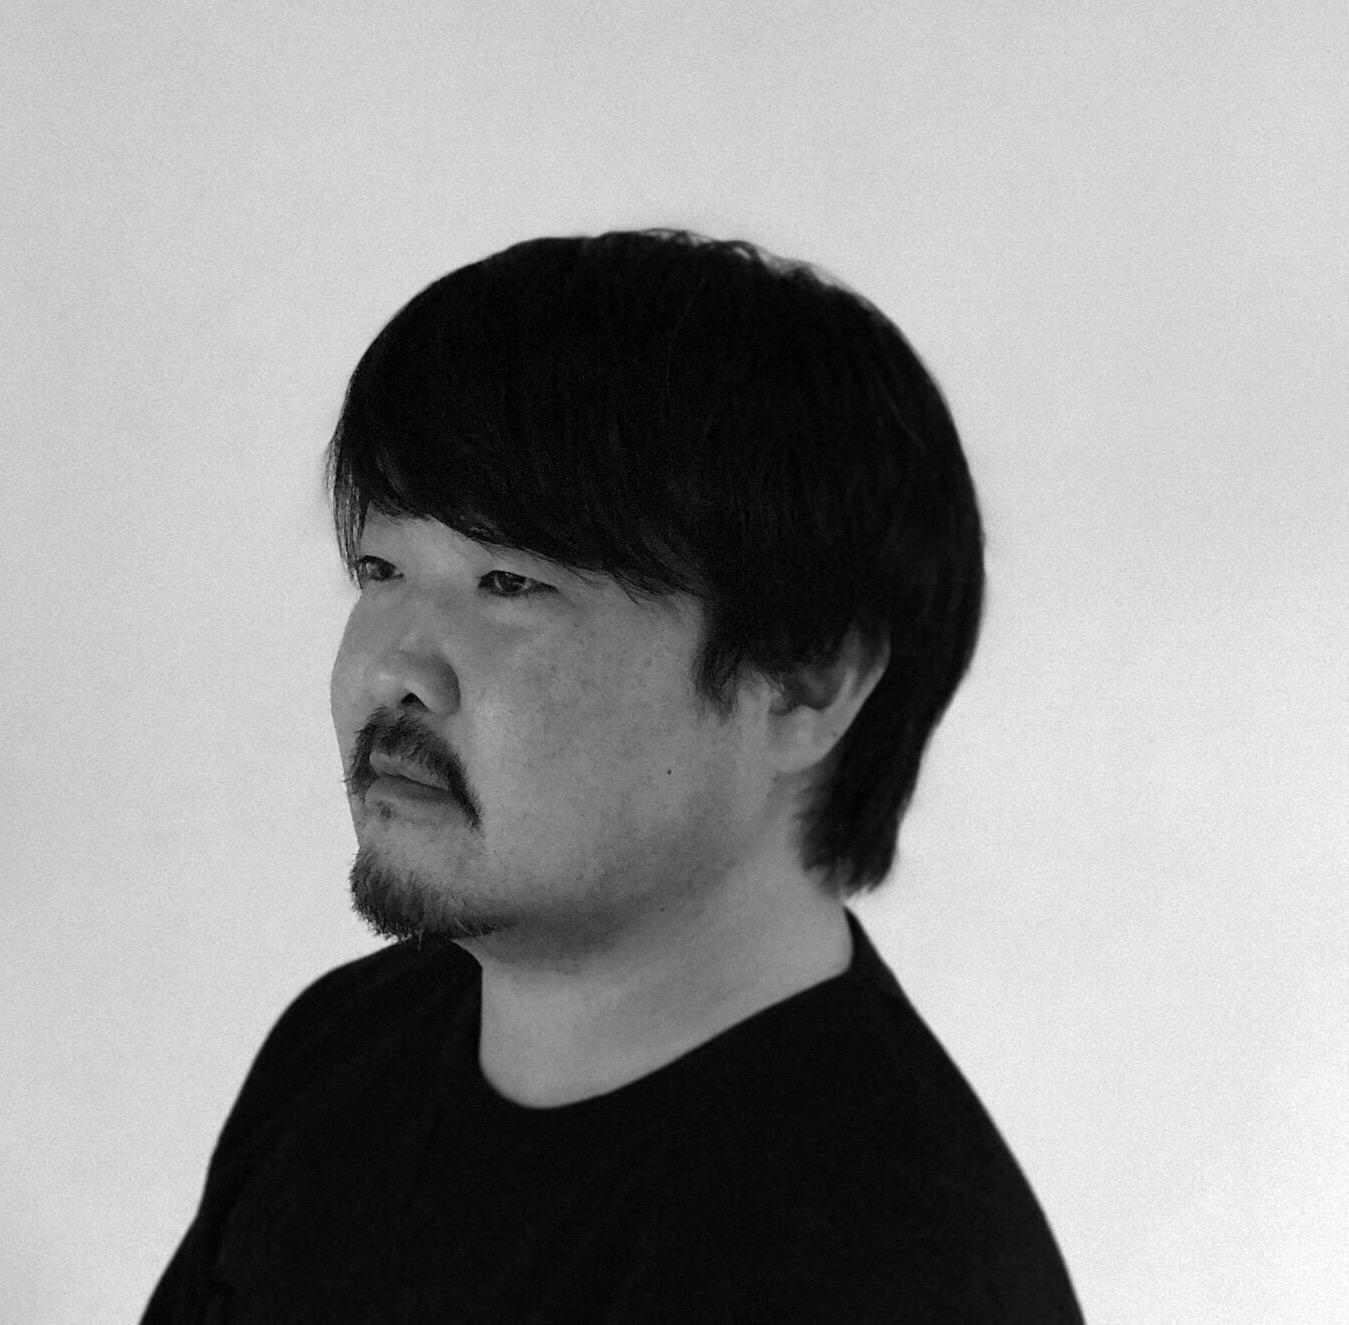 青木二郎(ハツメイ)